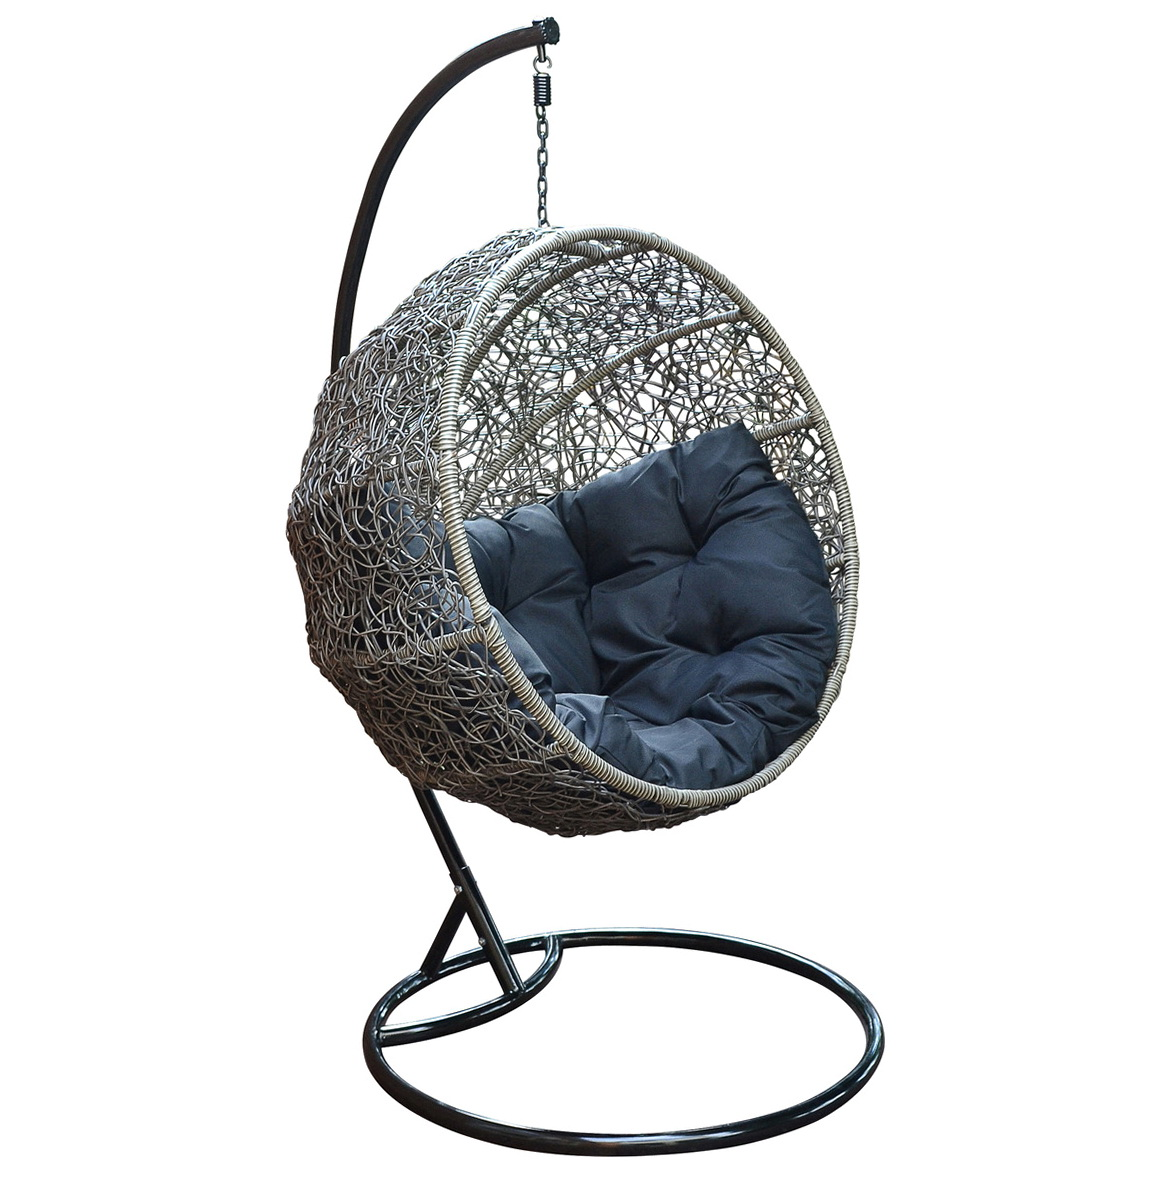 Round Rattan Chair Cushions